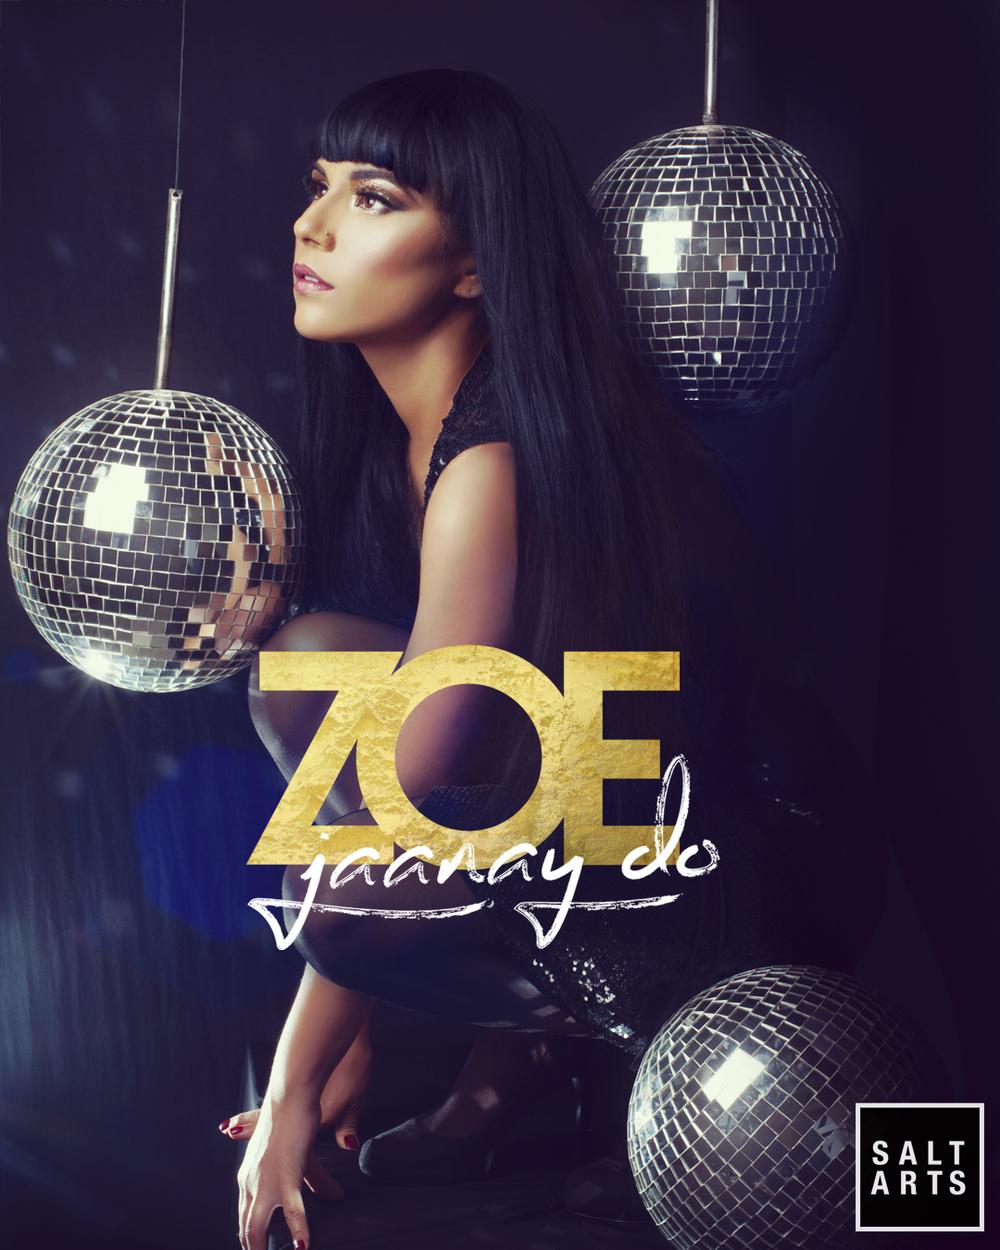 02+Zoe+Viccaji+Jaanay+Do+Disco+ball.jpg